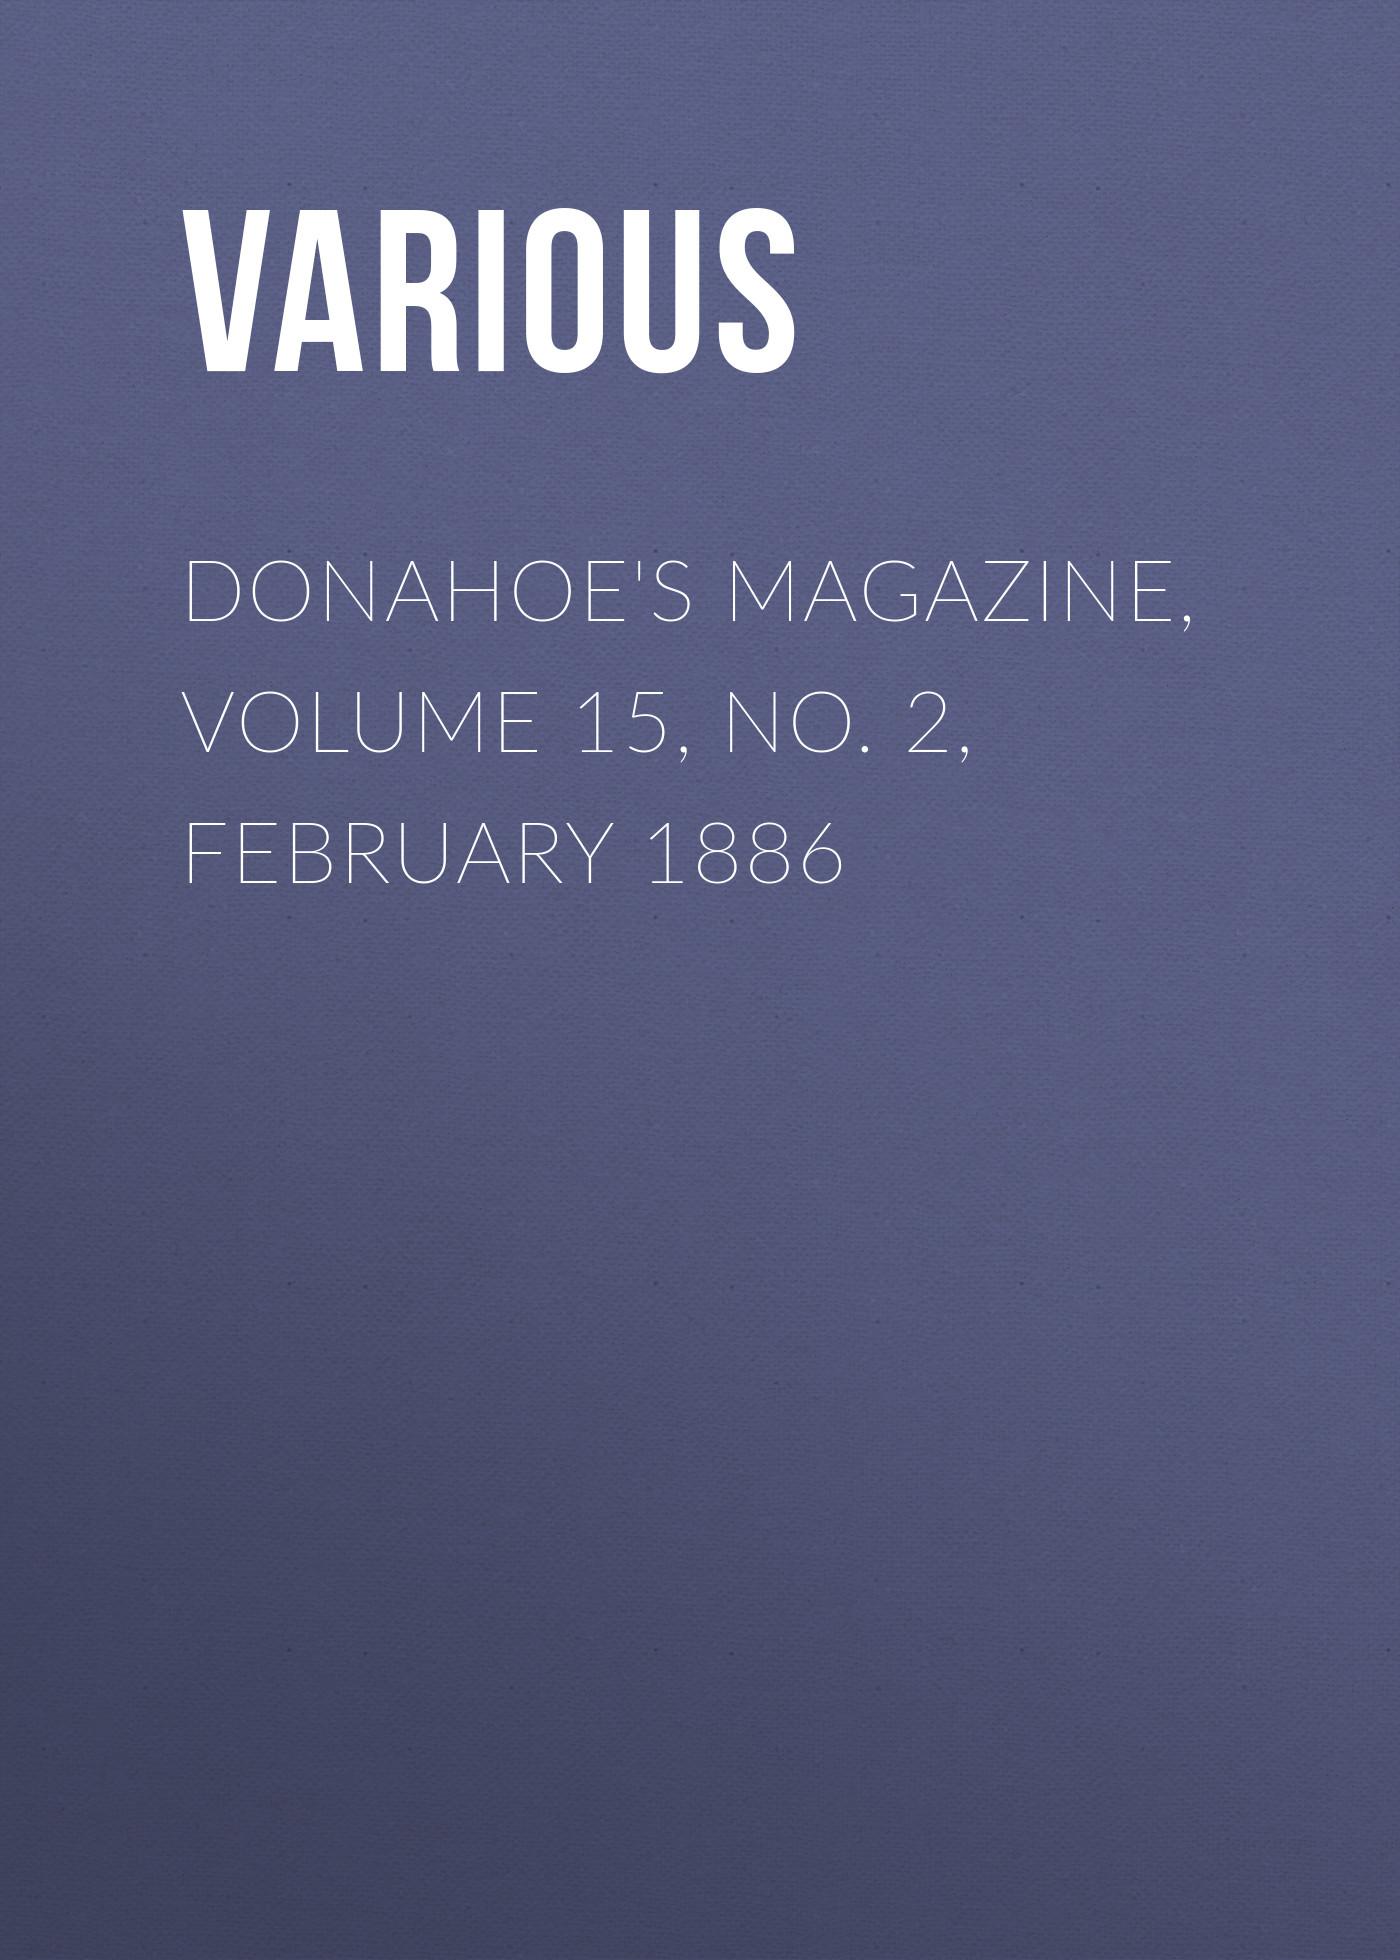 Various Donahoe's Magazine, Volume 15, No. 2, February 1886 цена в Москве и Питере